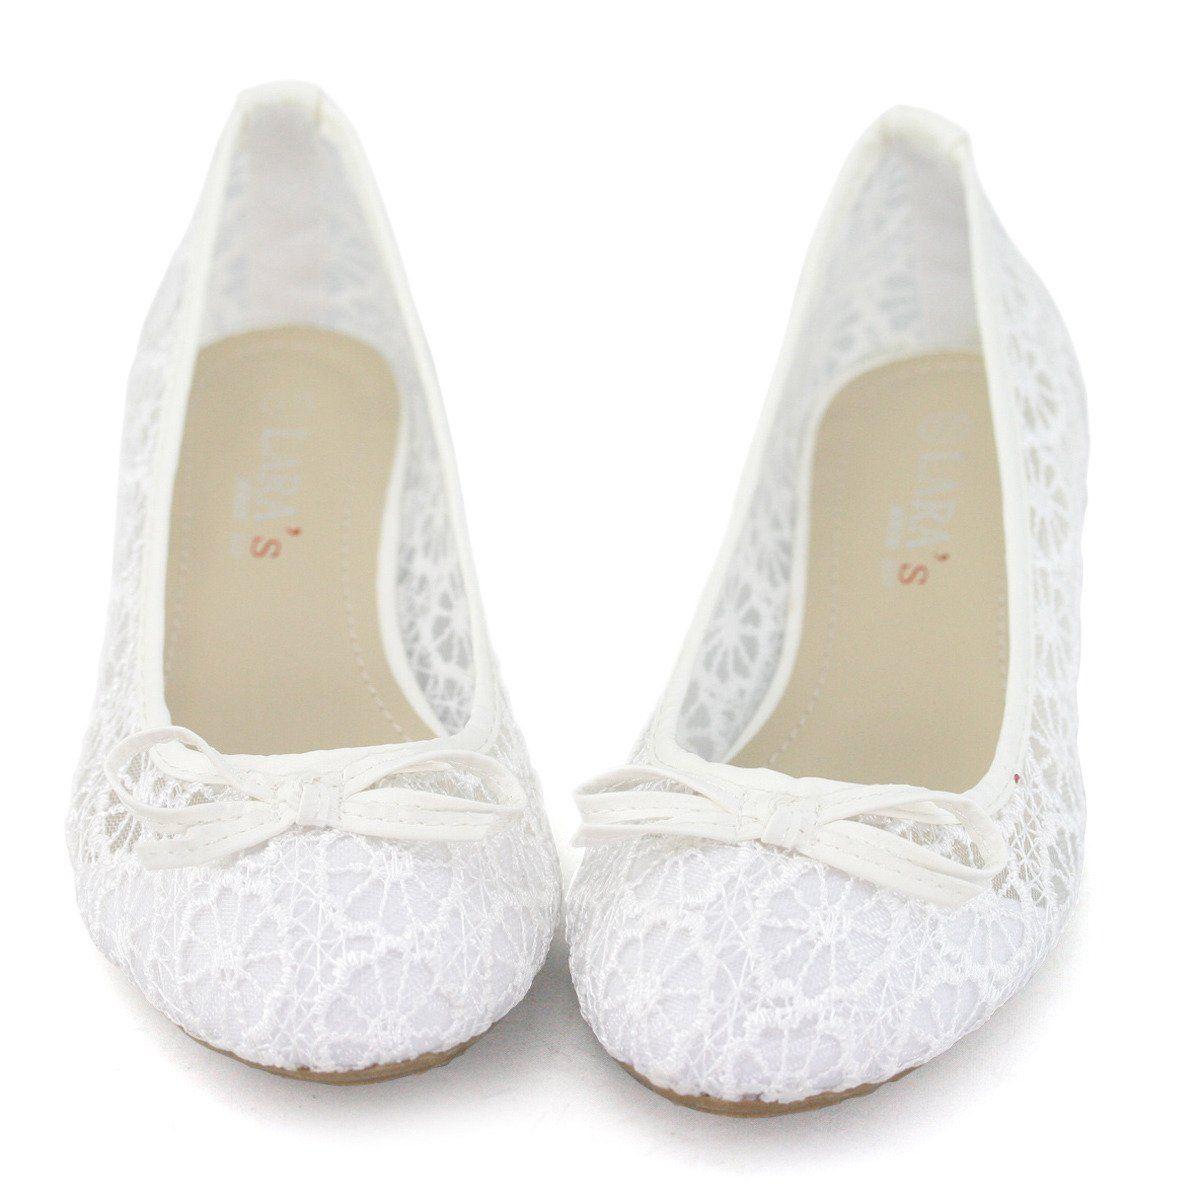 Shoezy Womens Fl Lace Ballet Flats Wedding Breathable Shoes Pumps White Us 8